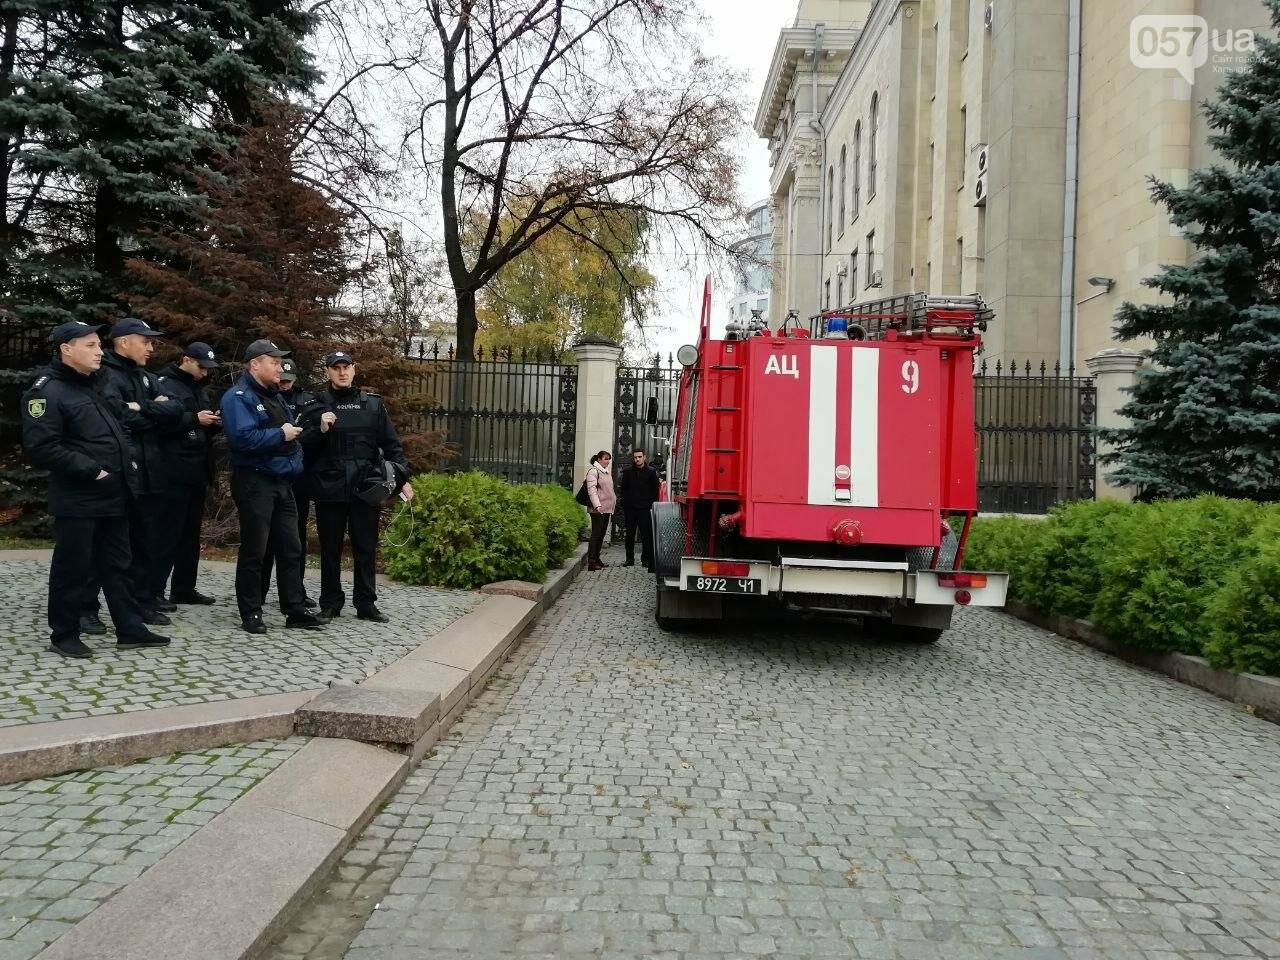 В Харькове полицейские ищут взрывчатку в здании ХОГА и на ЮЖД, - ФОТО, фото-1